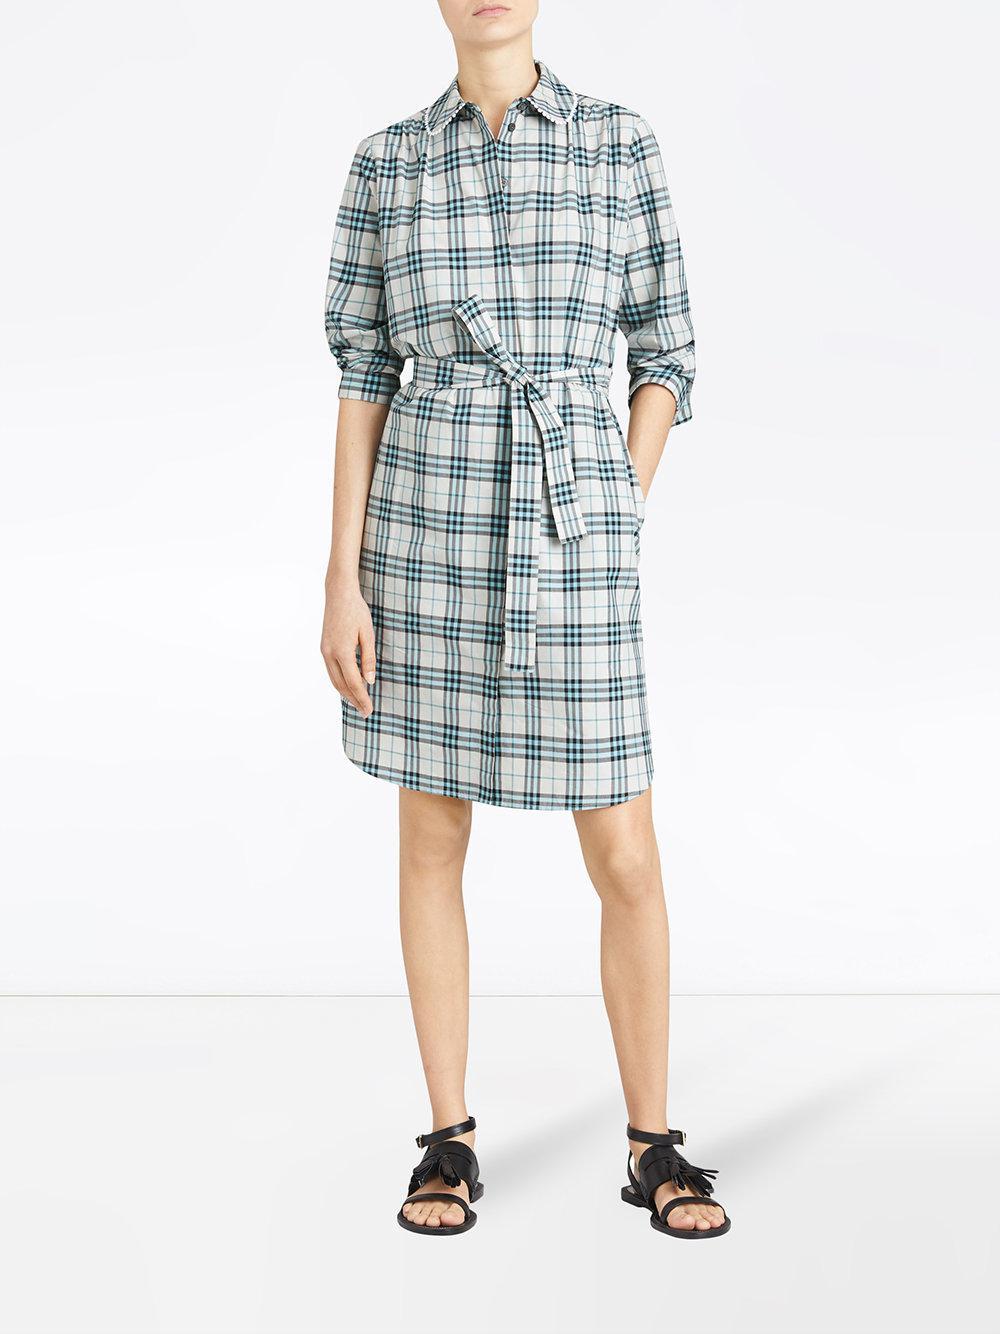 Lyst - Robe-chemise à carreaux Burberry en coloris Bleu f0d247421cf